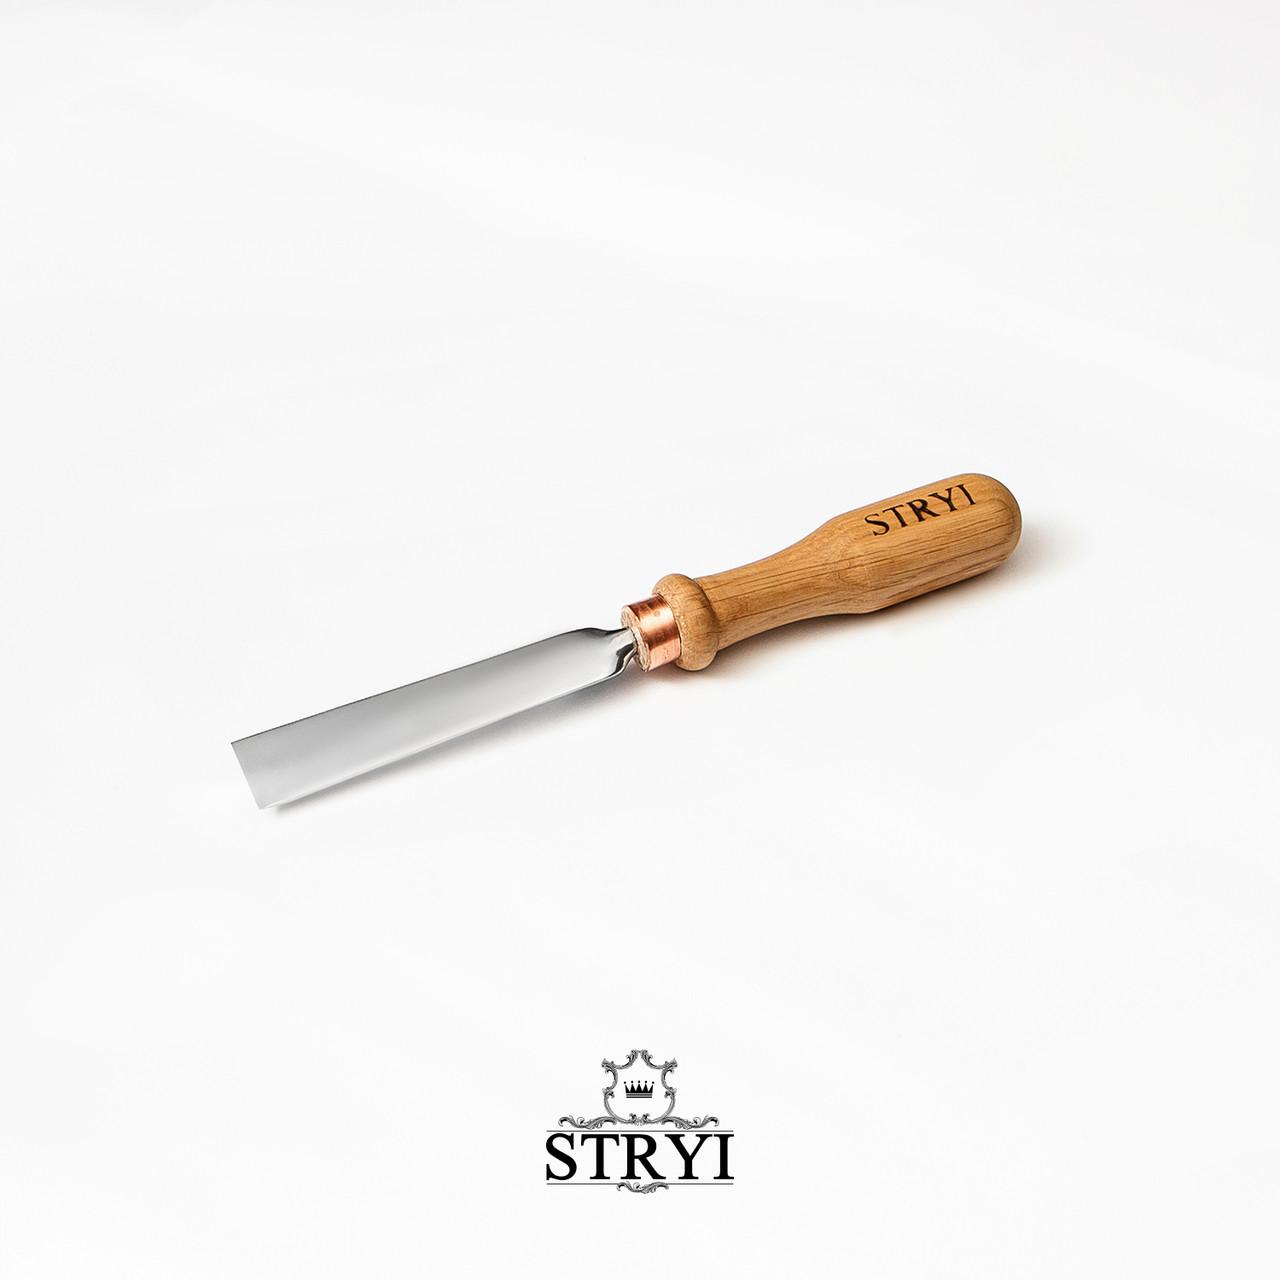 Стамеска профессиональная плоская STRYI 20мм, от производителя